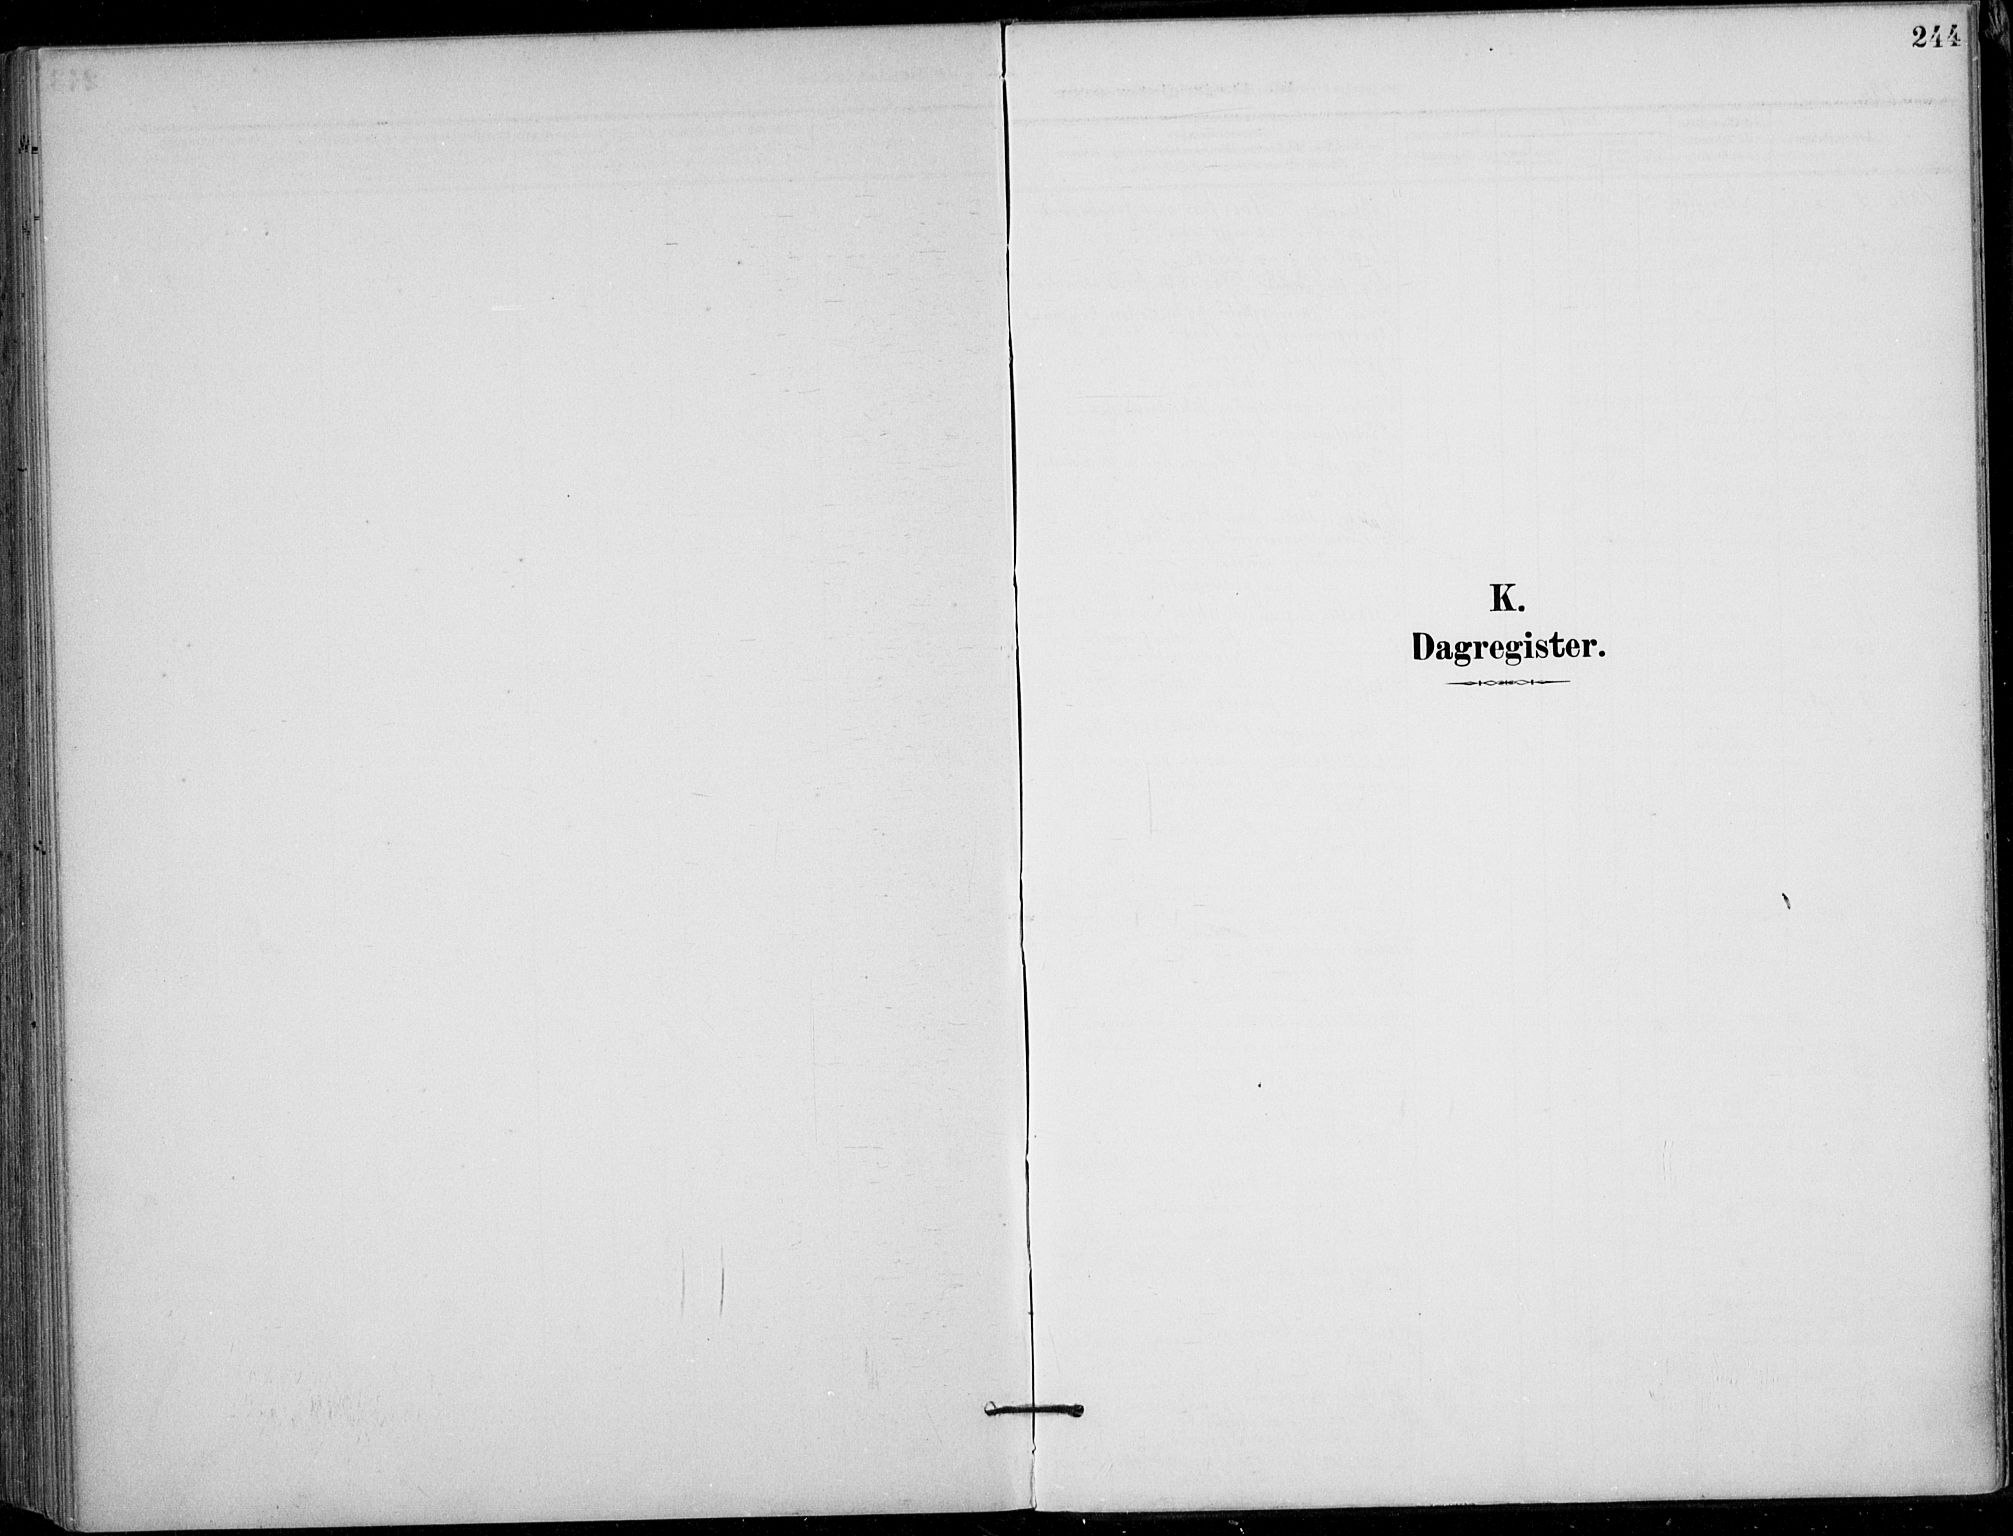 SAKO, Siljan kirkebøker, F/Fa/L0003: Ministerialbok nr. 3, 1896-1910, s. 244